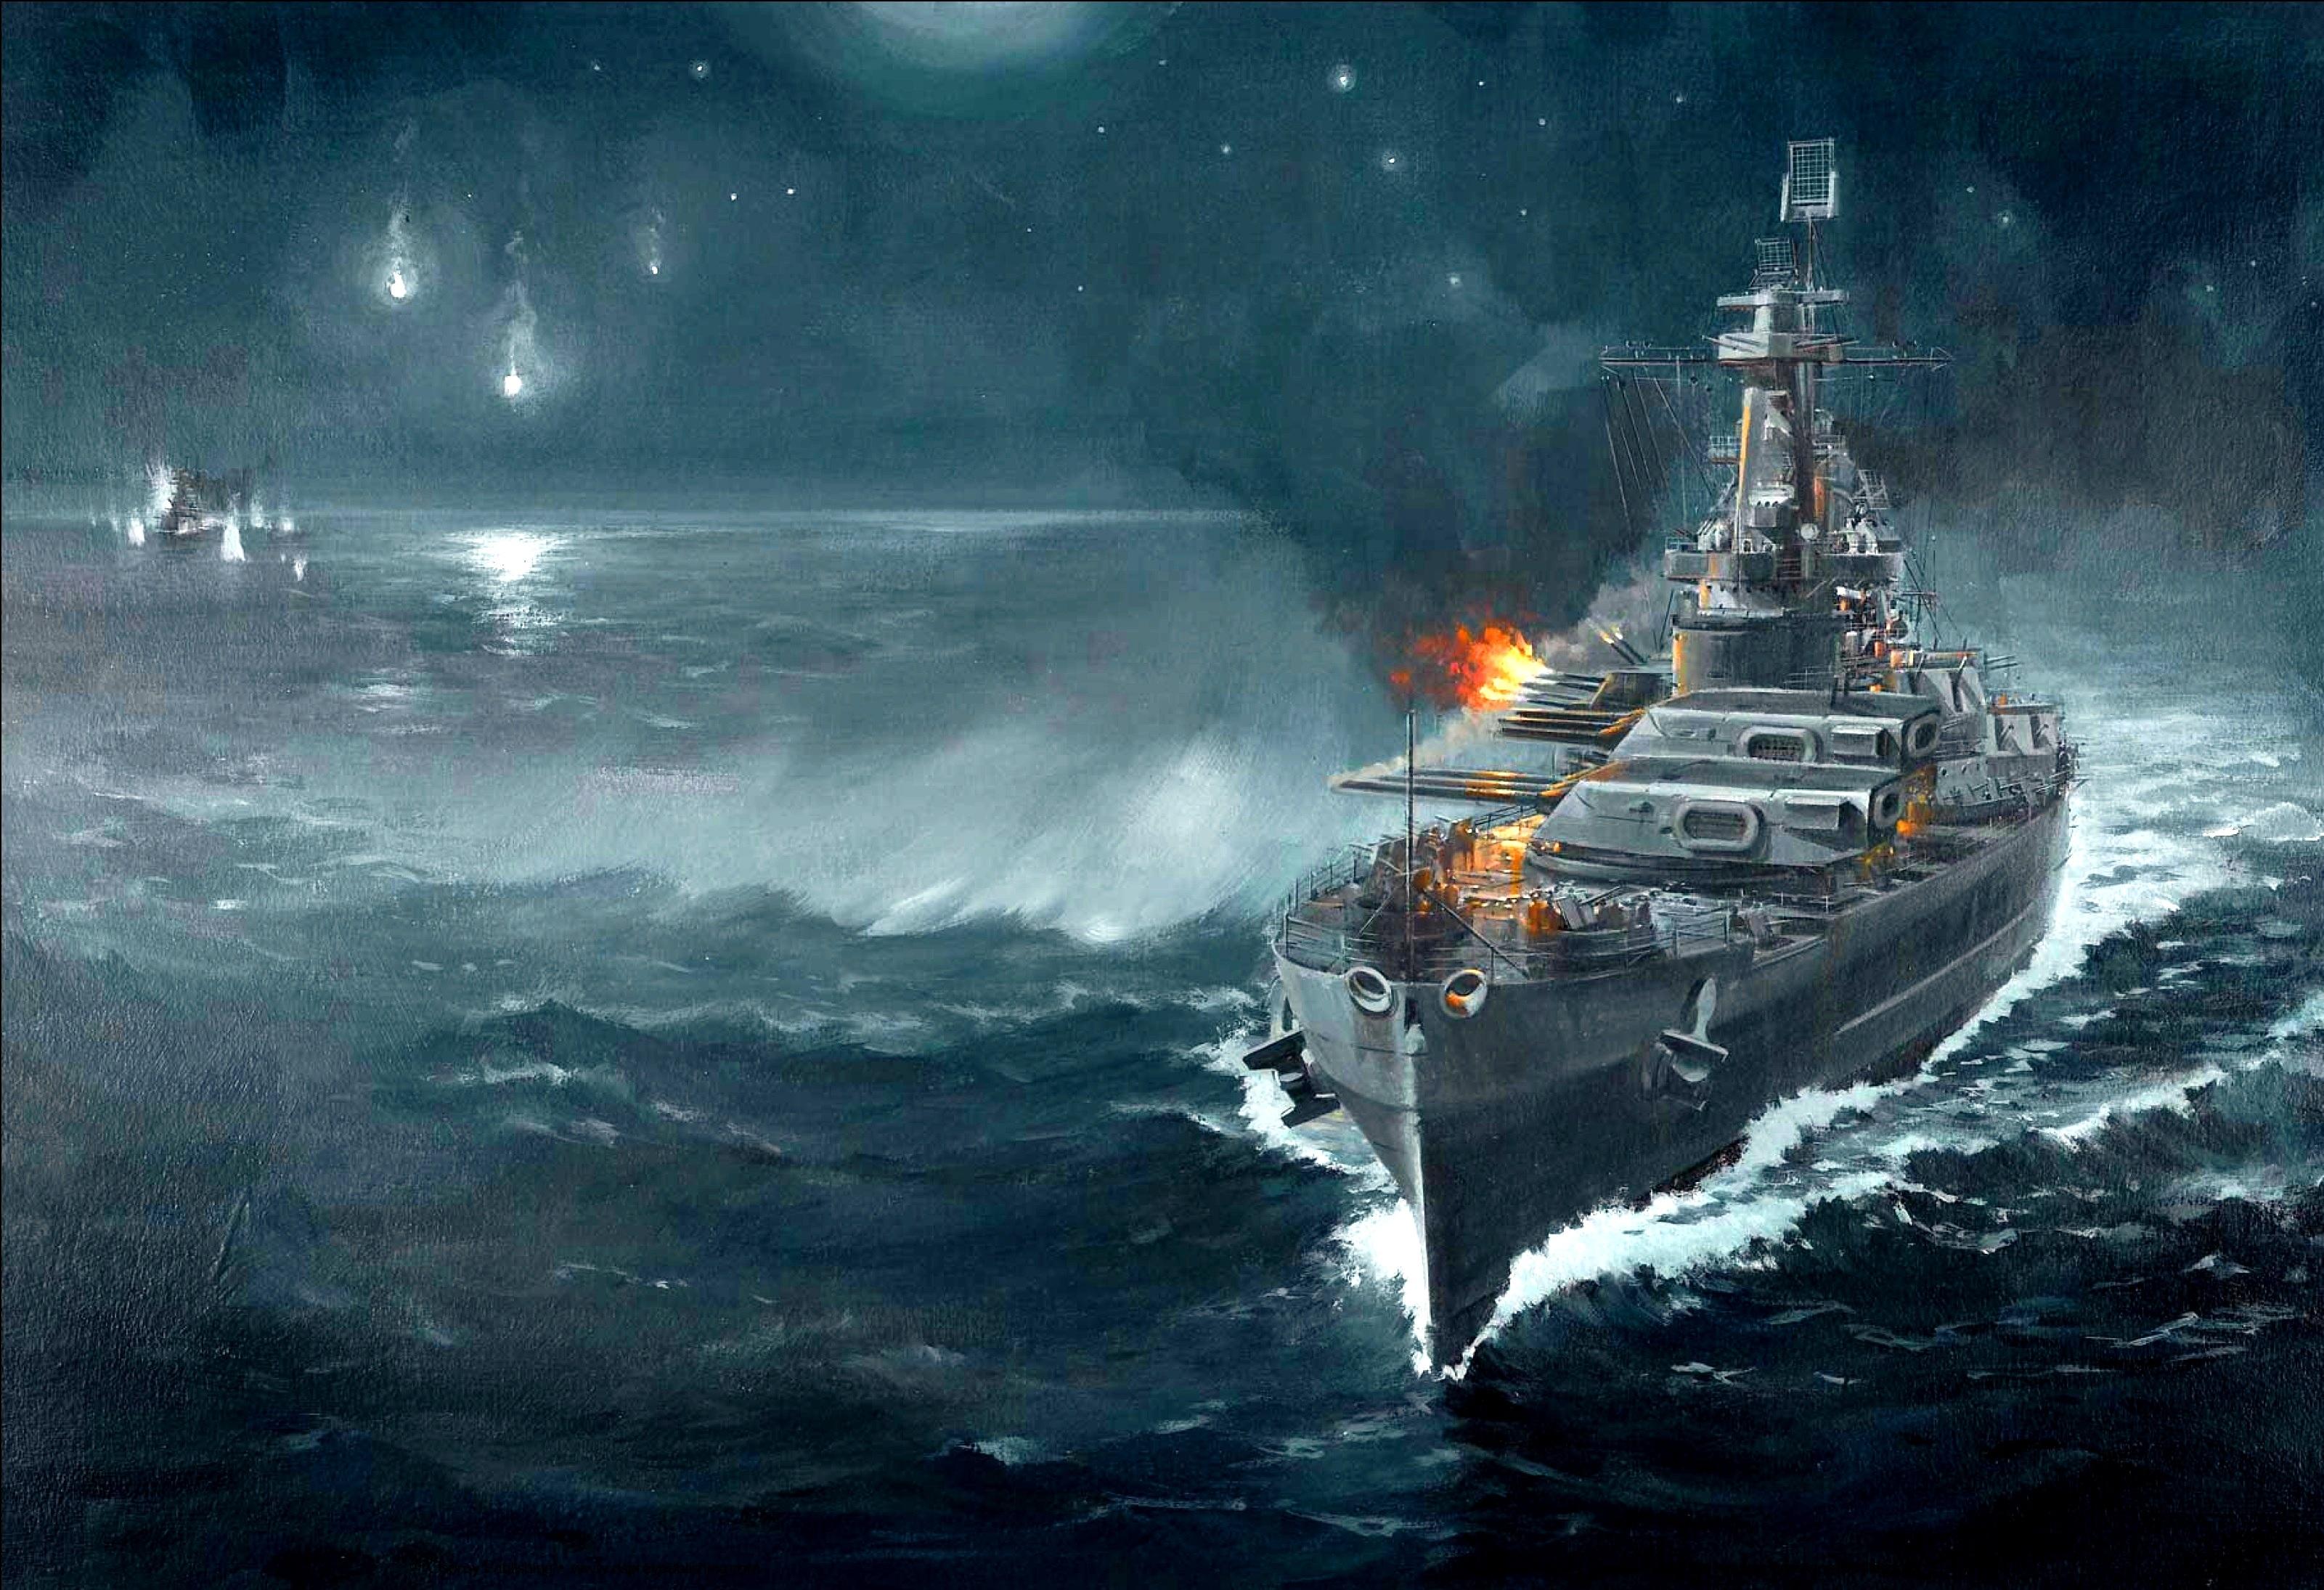 battleship wallpaper